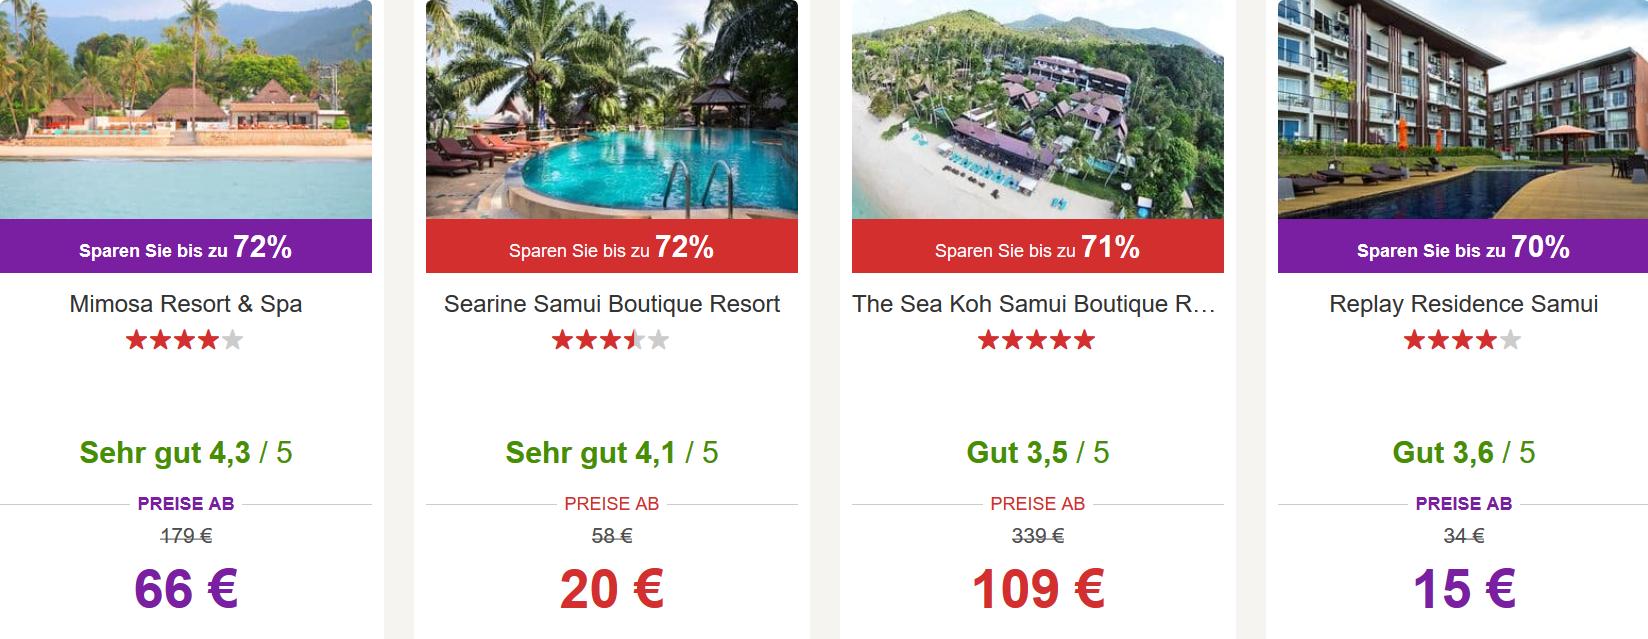 Hotels Mit Rabatt Und Cashback Buchen Geht In Kombination Mit Shoop